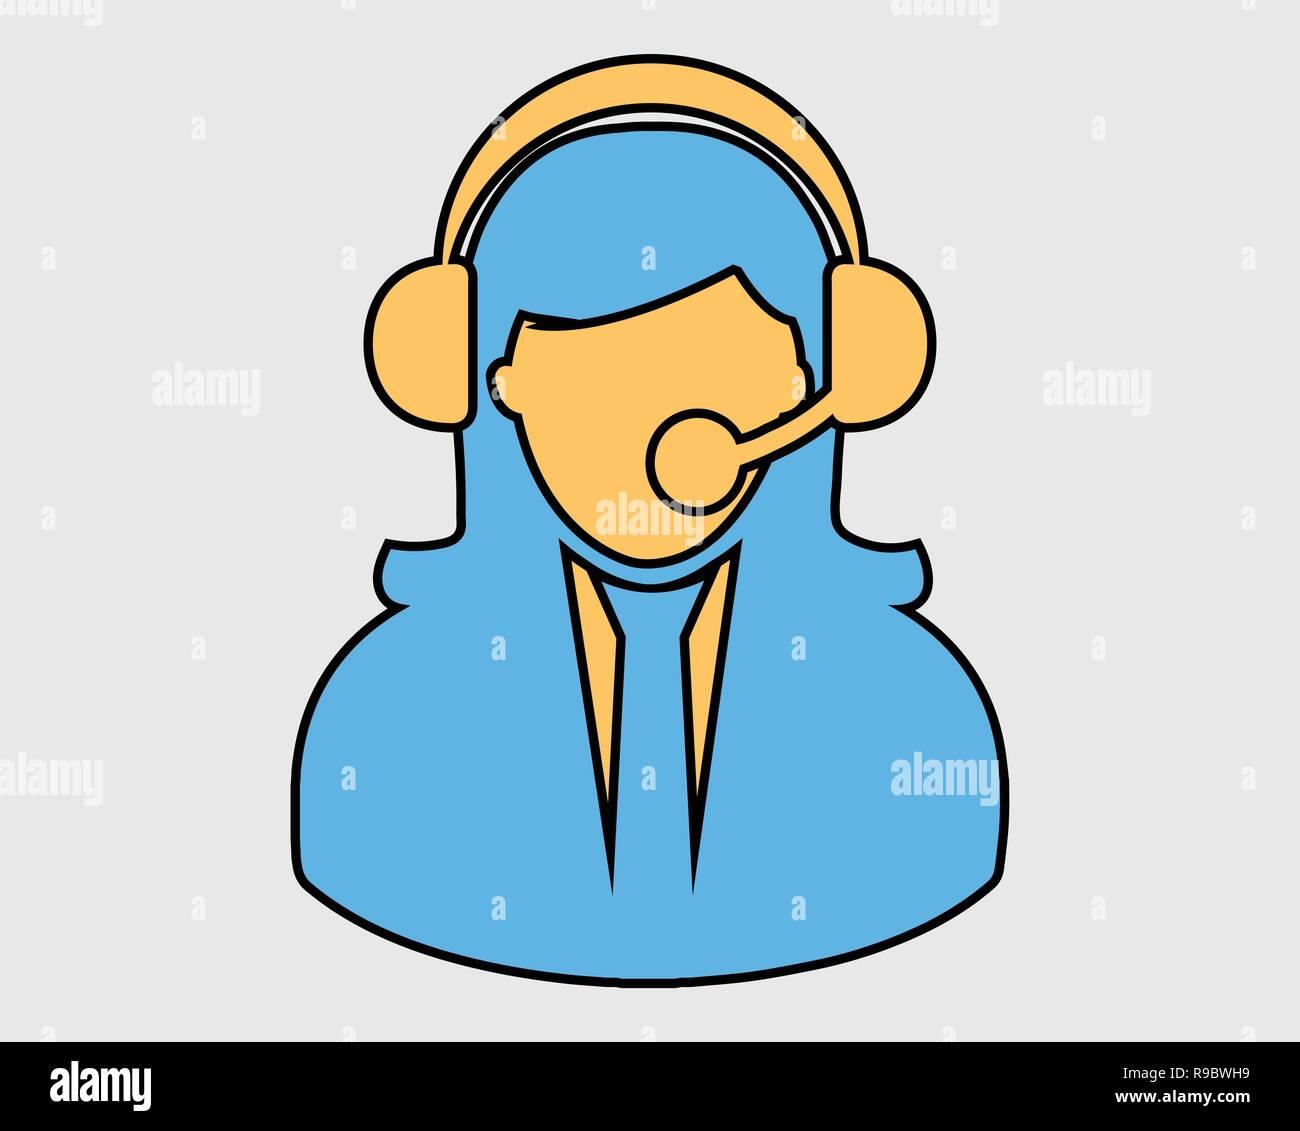 Coloroful Female Customer service icon. - Stock Image